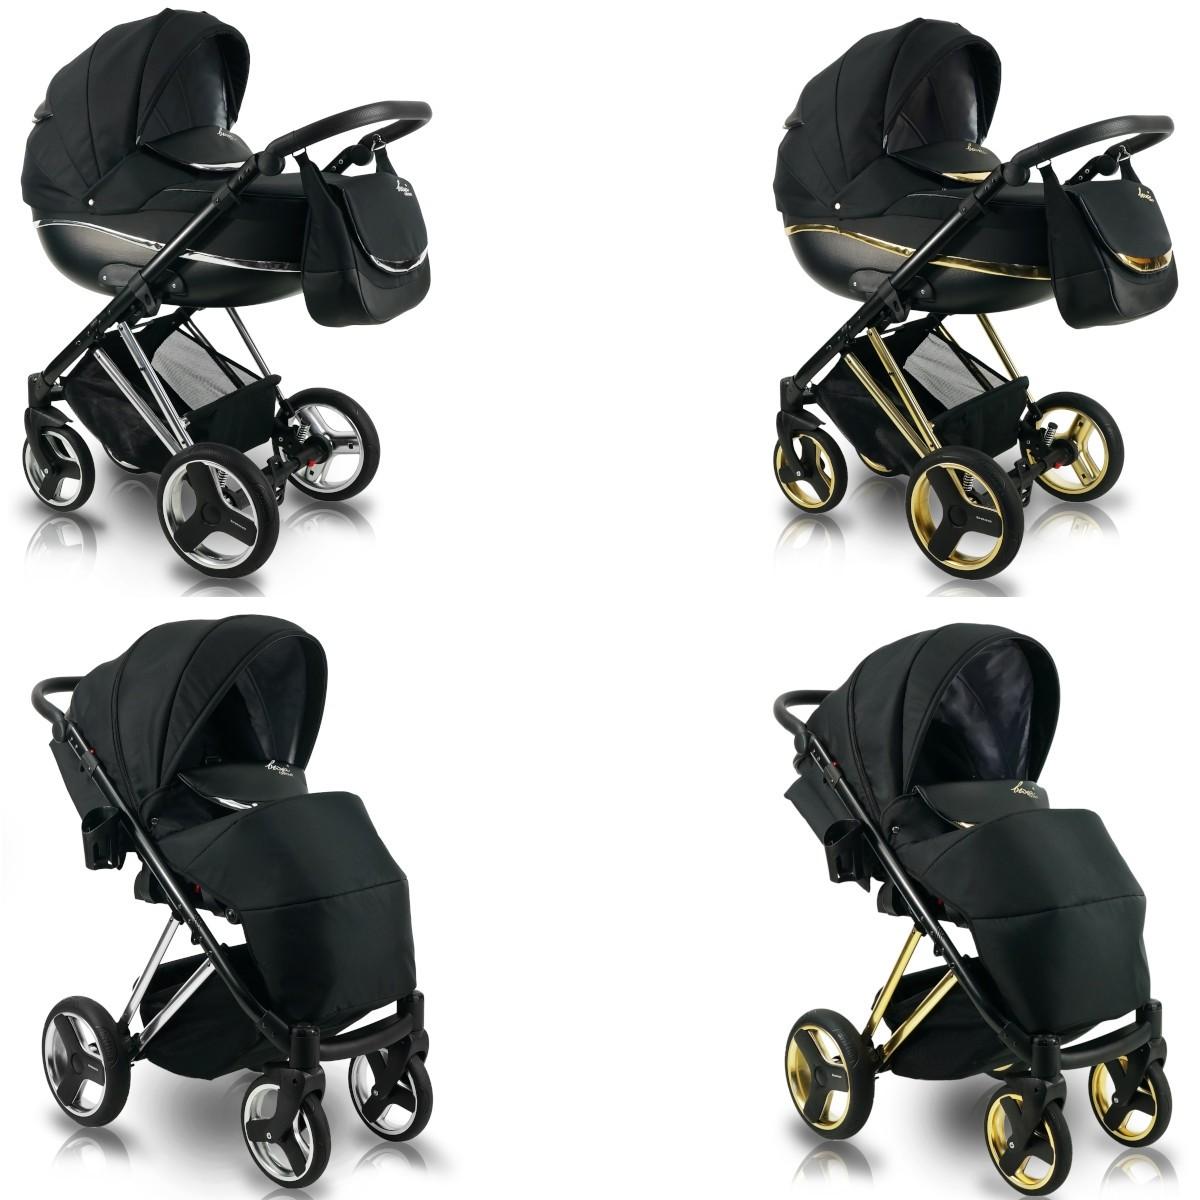 Bexa Next Metallic Kombi Kinderwagen, 2in1 mit Babywanne + Sportwagenaufsatz / Buggy oder 3in1 + Babyschale / Autoschale, 2 Farben